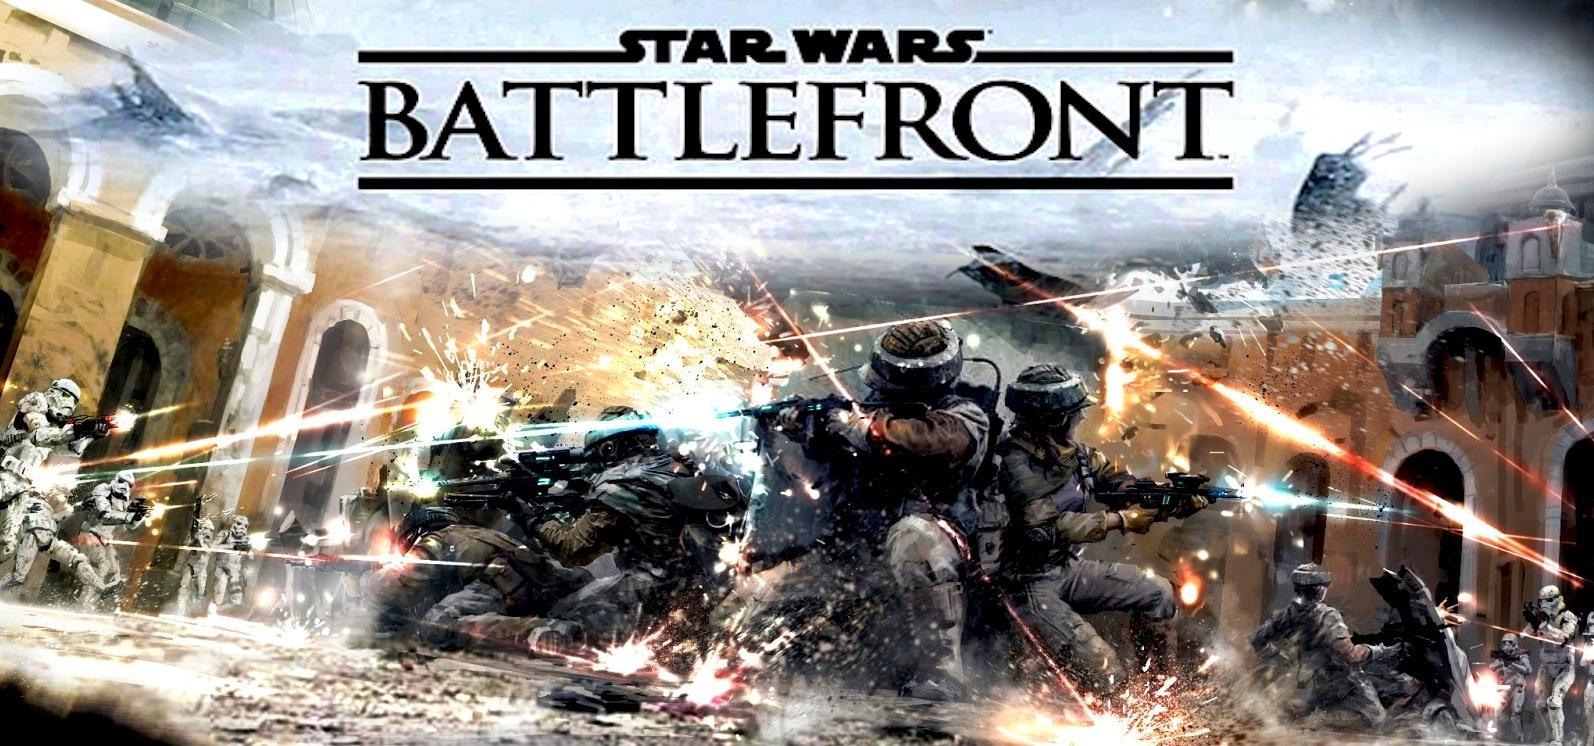 STAR-WARS_BATTLEFRONT_FIRST-ASSAULT_FPS_SHOOTER_DICE_EA_LUCASFILM_LUCASARTS_